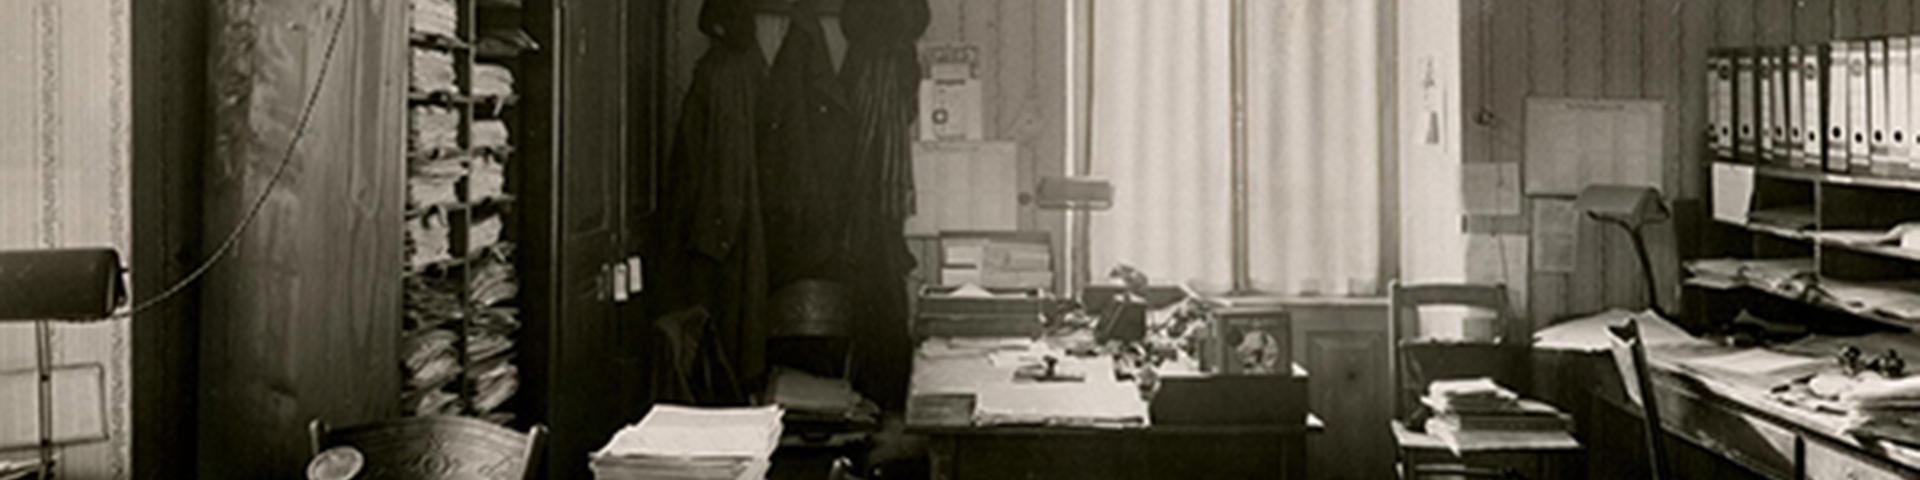 Historie der BBBank: Büro zur Gründungszeit 1921, als die BBBank als Selbsthilfeeinrichtung für den öffentlichen Dienst in Karlsruhe gegründet wurde.